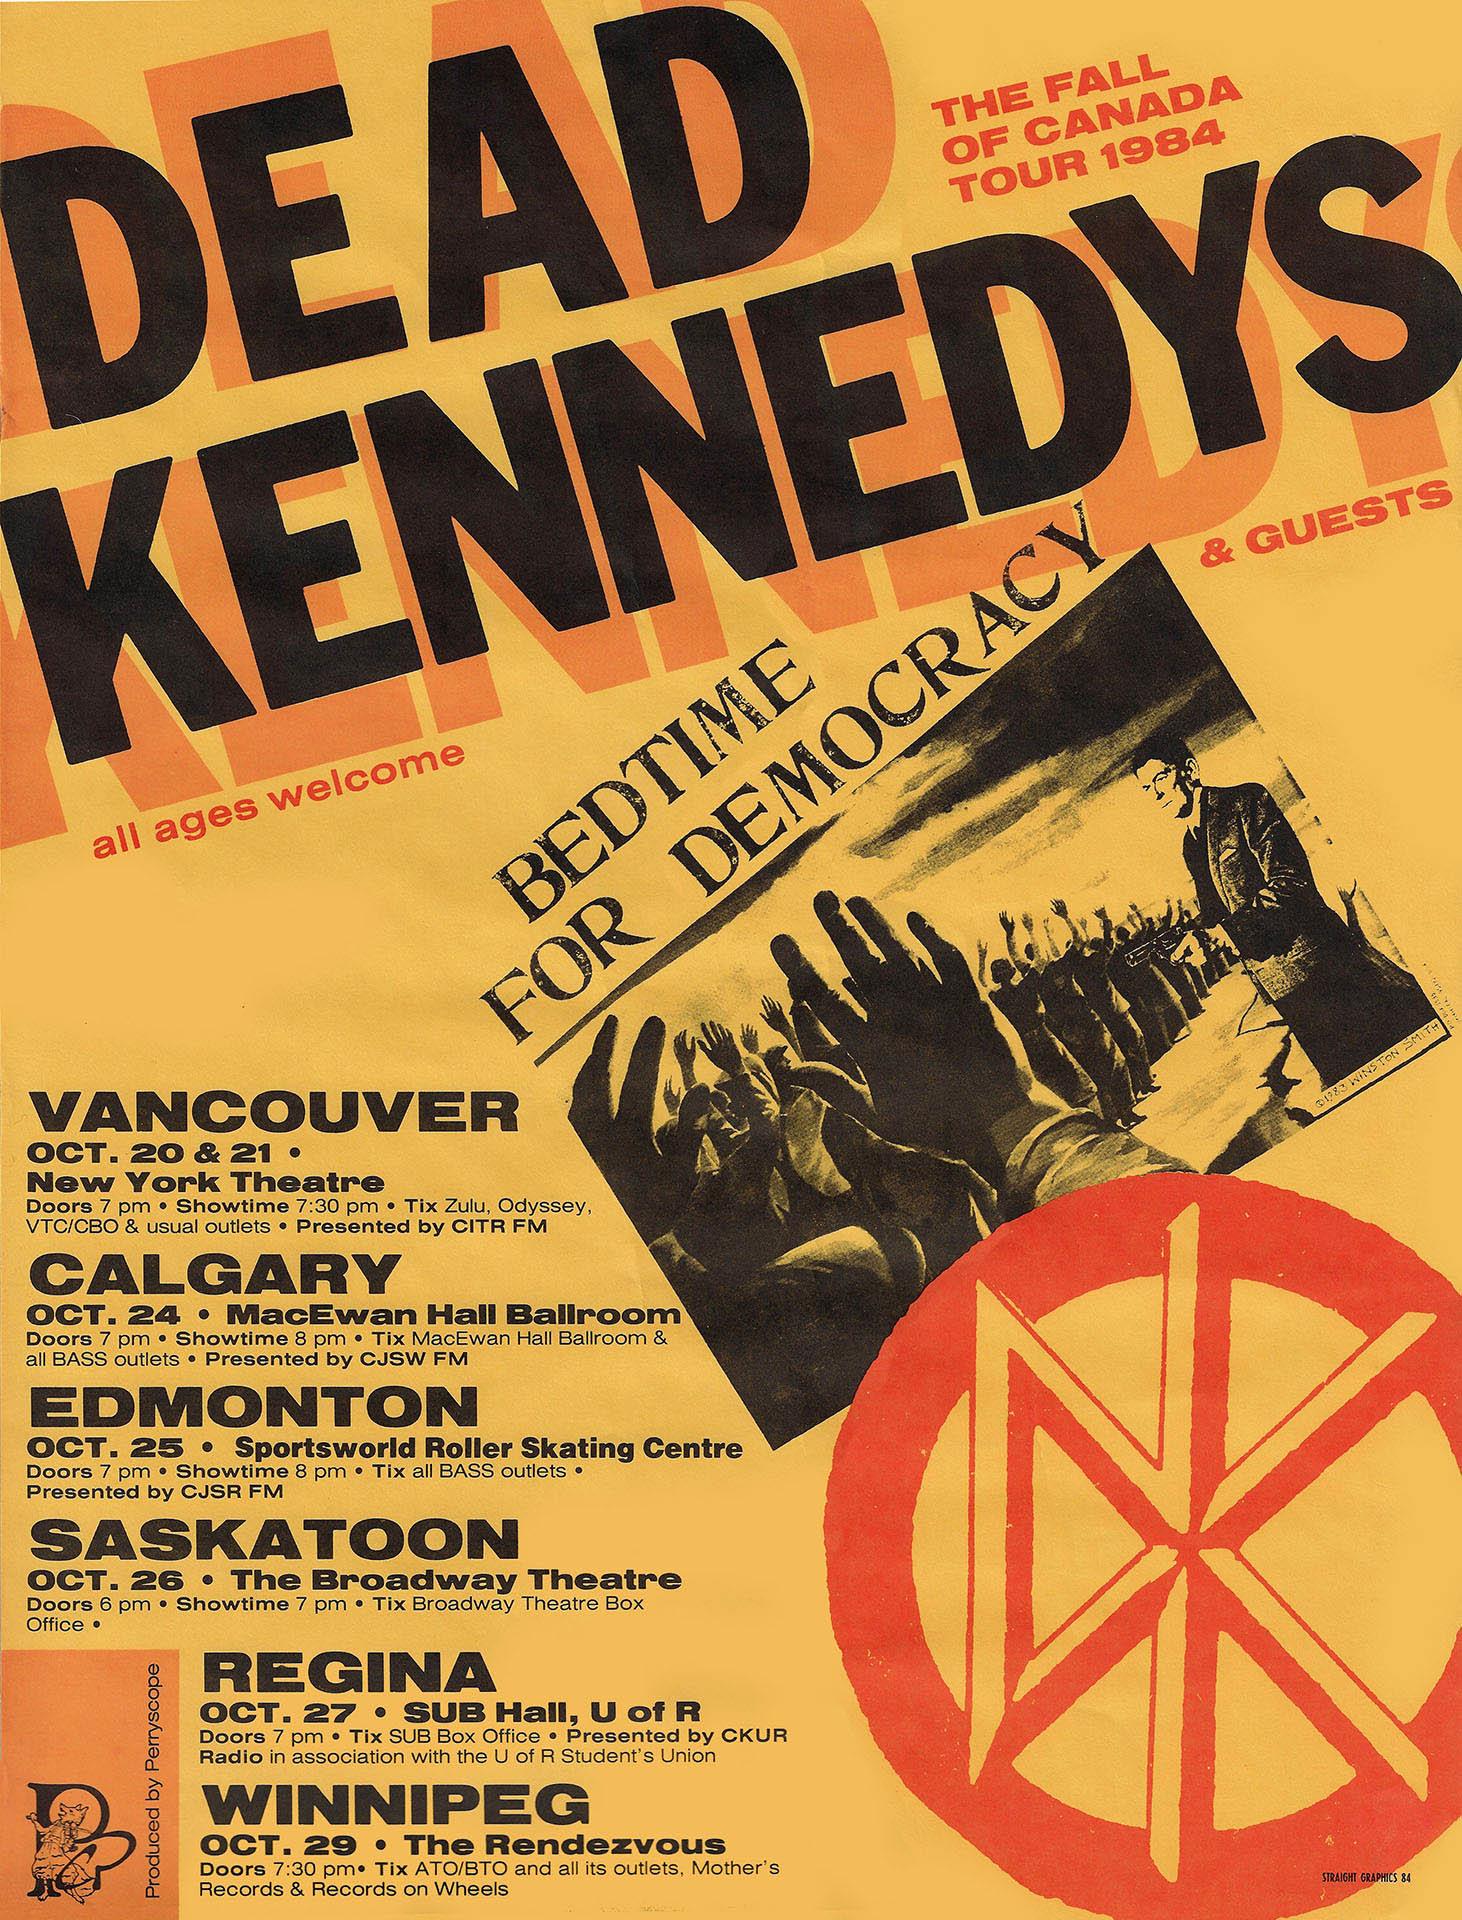 DEAD KENNEDYS – 1984